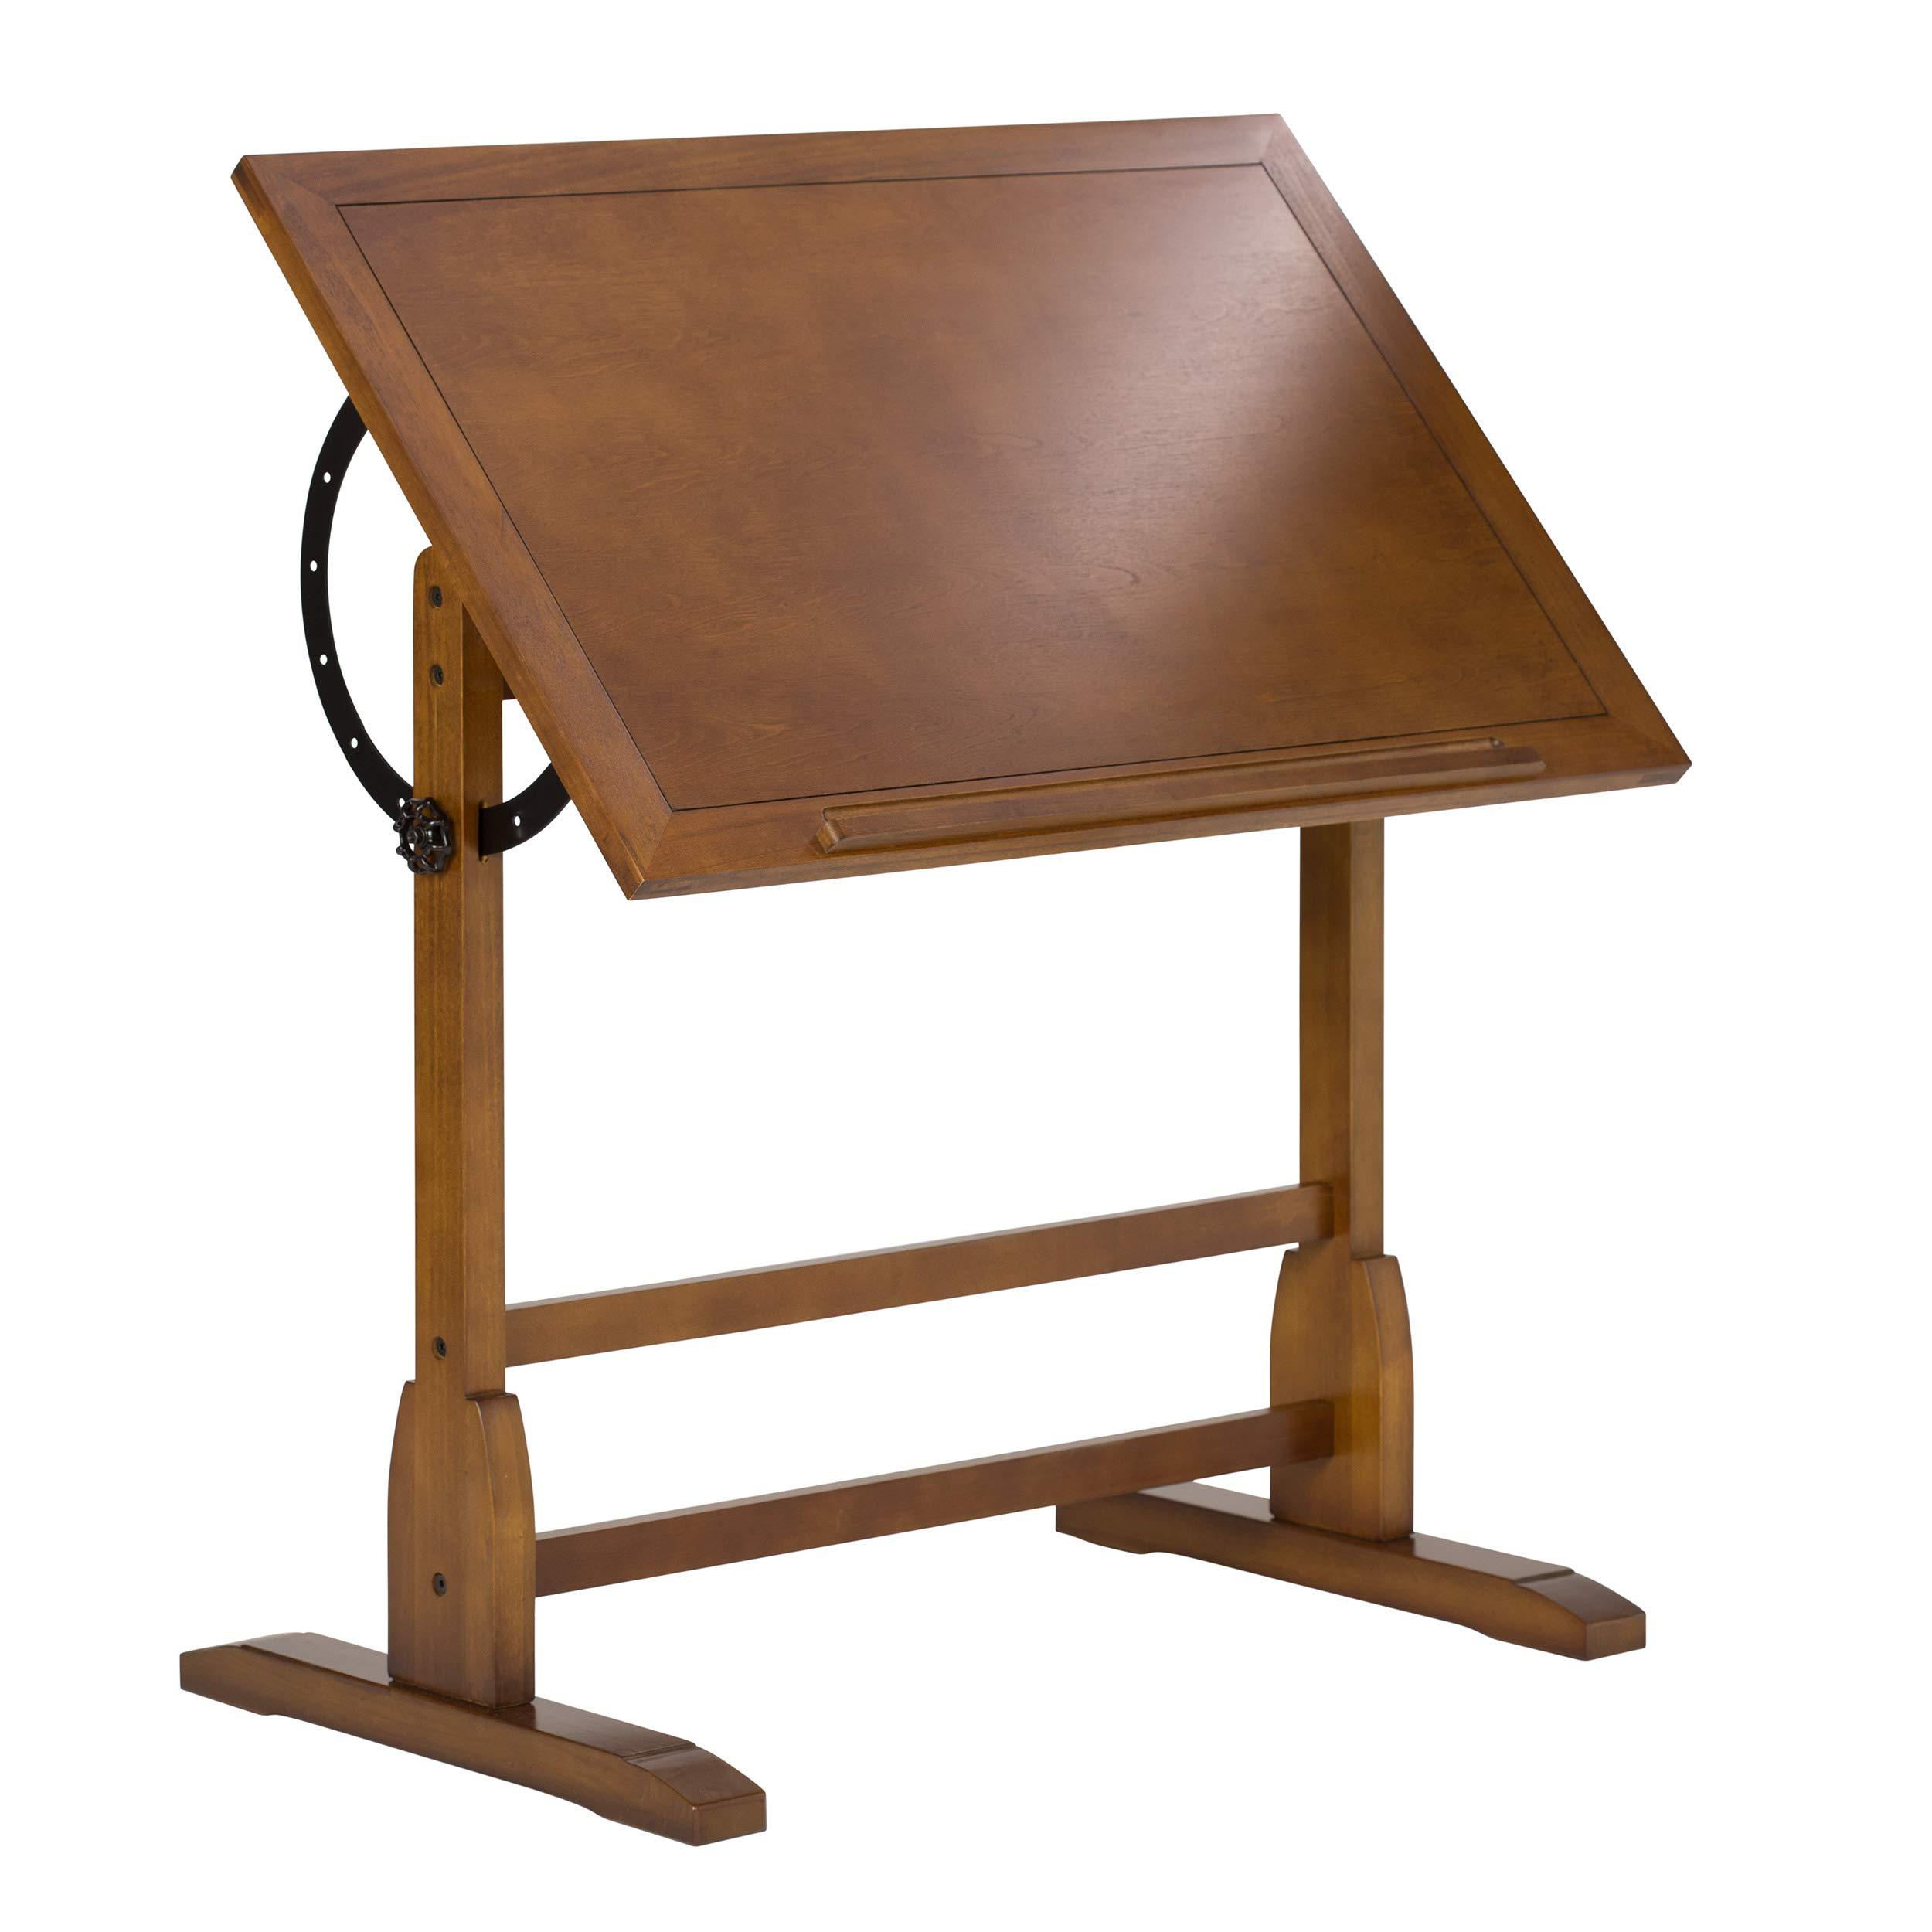 Studio Designs Vintage Rustic Oak Drafting Table, Top Adjustable Drafting Table Craft Table Drawing Desk Hobby Table Writing Desk Studio Desk, 36''W x 24''D by SD STUDIO DESIGNS